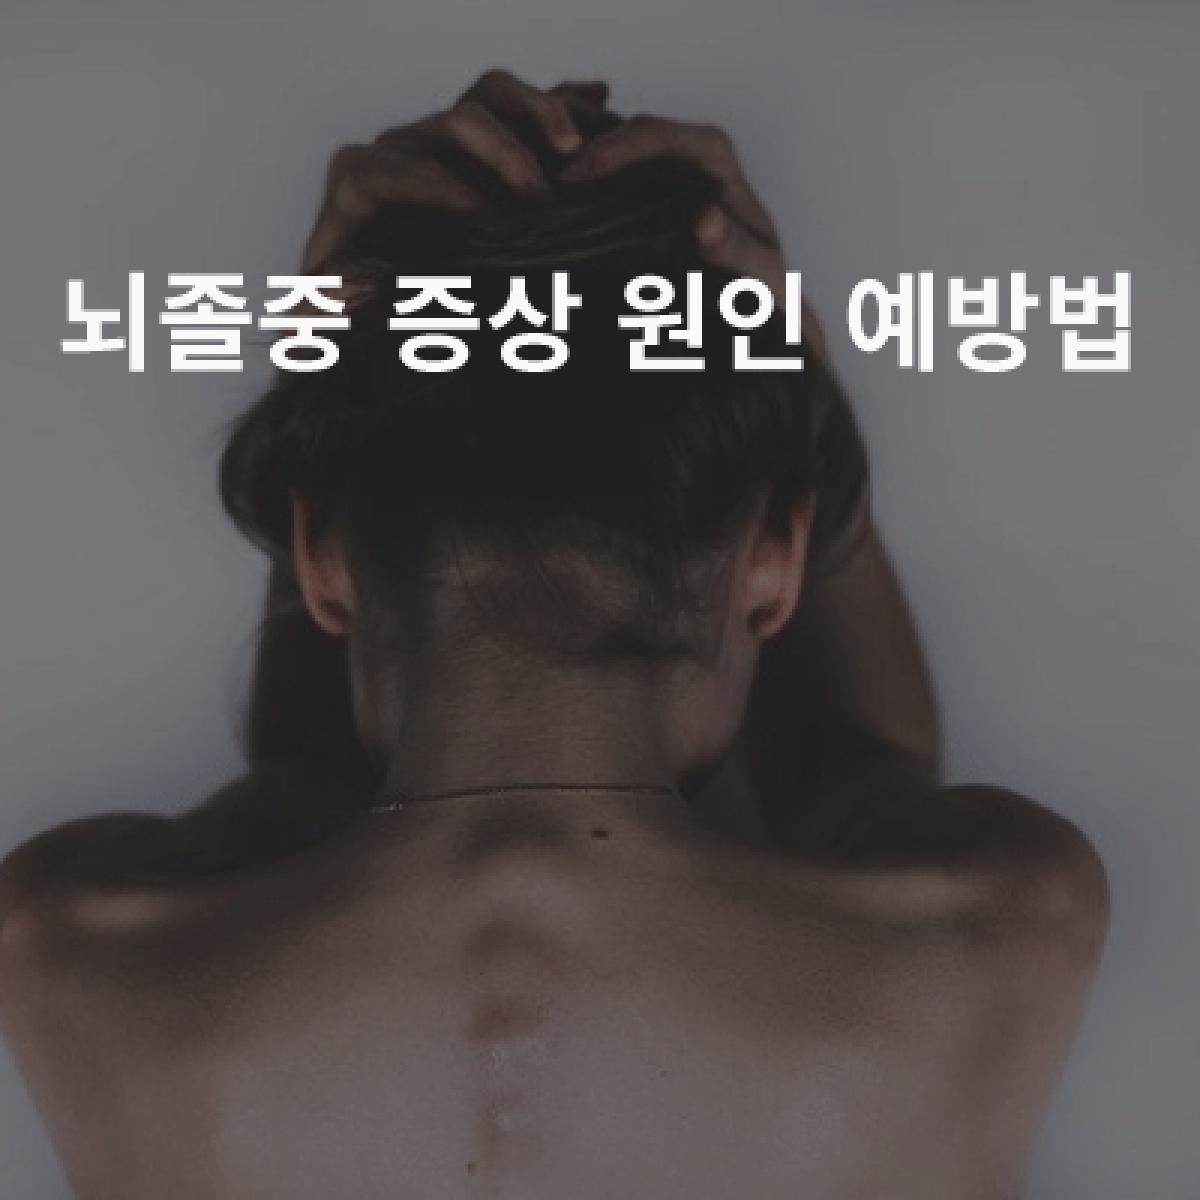 뇌졸중 원인